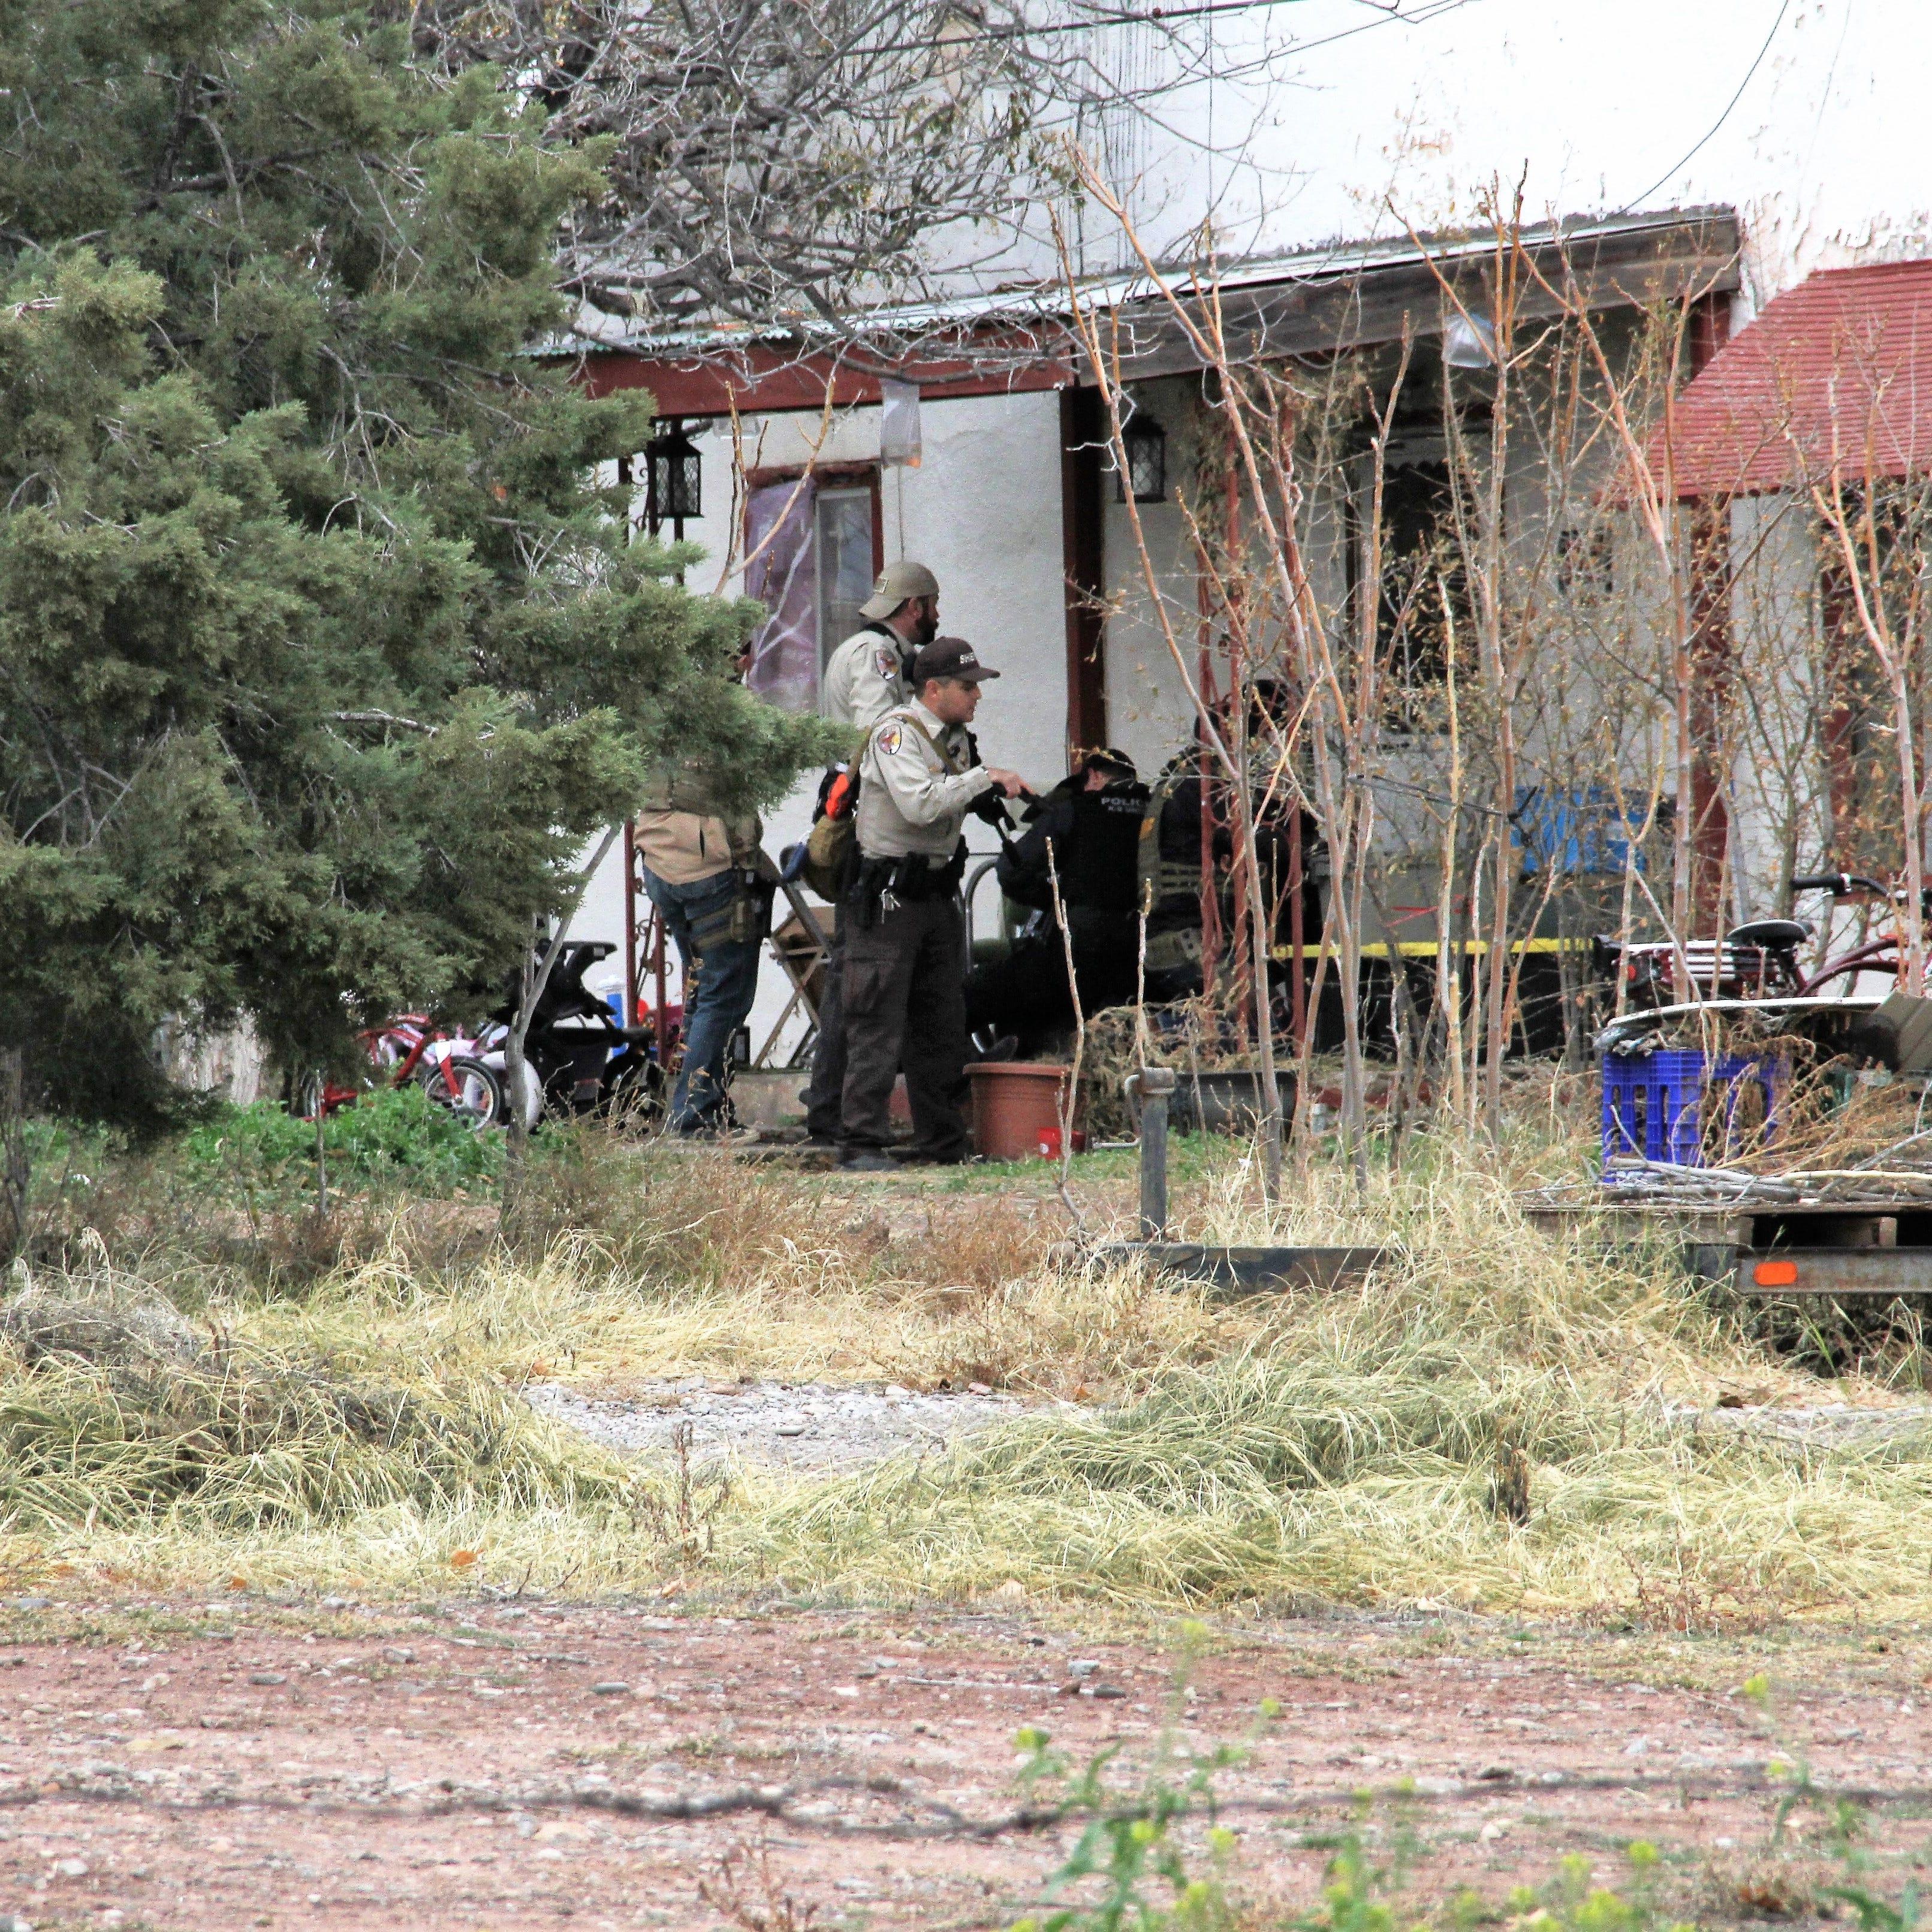 Otero County Sheriff's Office arrests two men on warrants